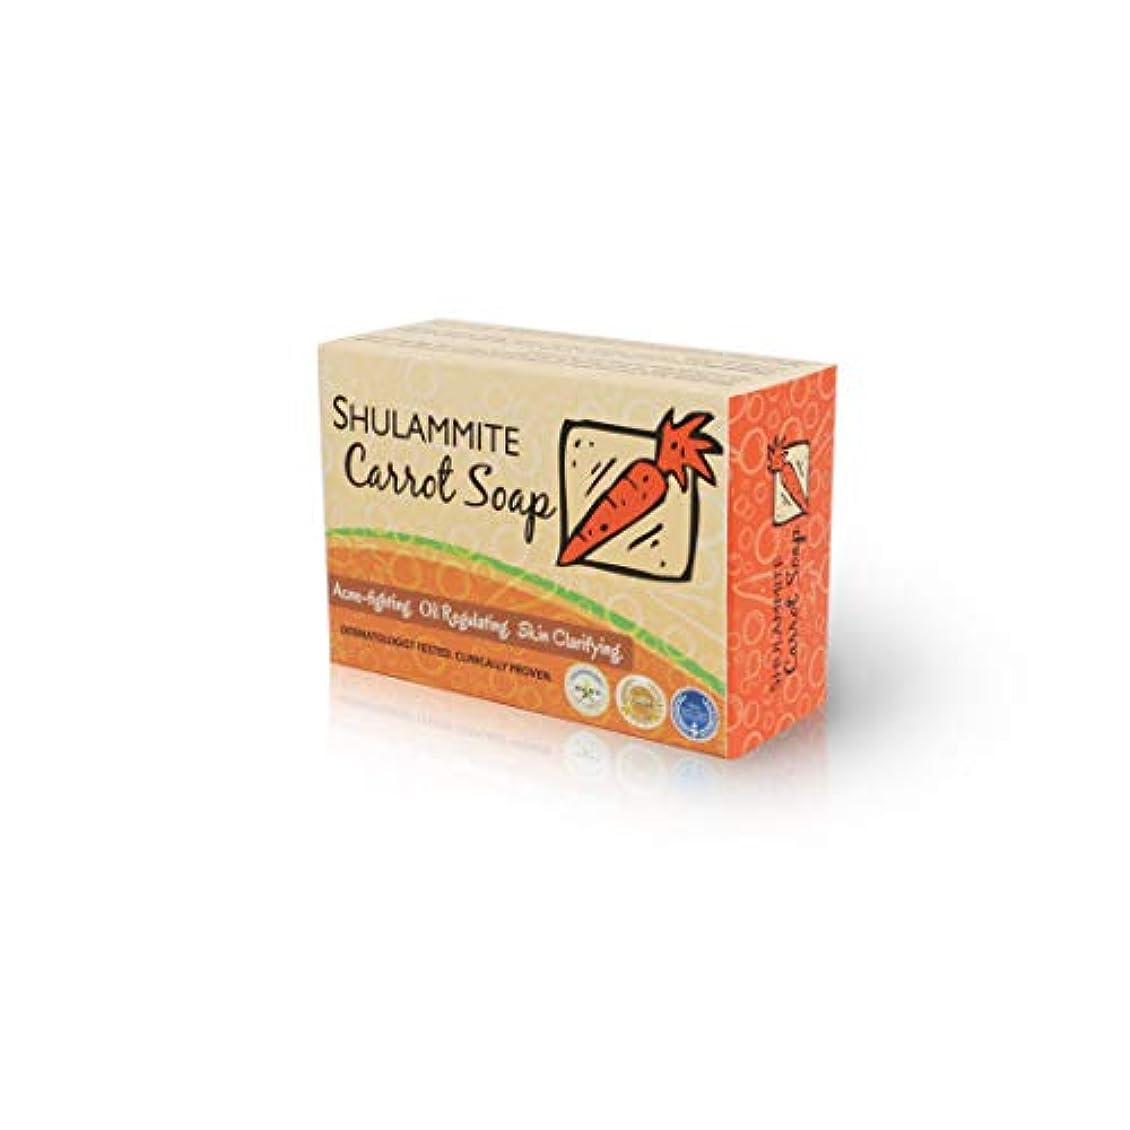 希望に満ちた報酬の失業SHULAMMITE Carrot Soap キャロットソープ150g 正規輸入代理店